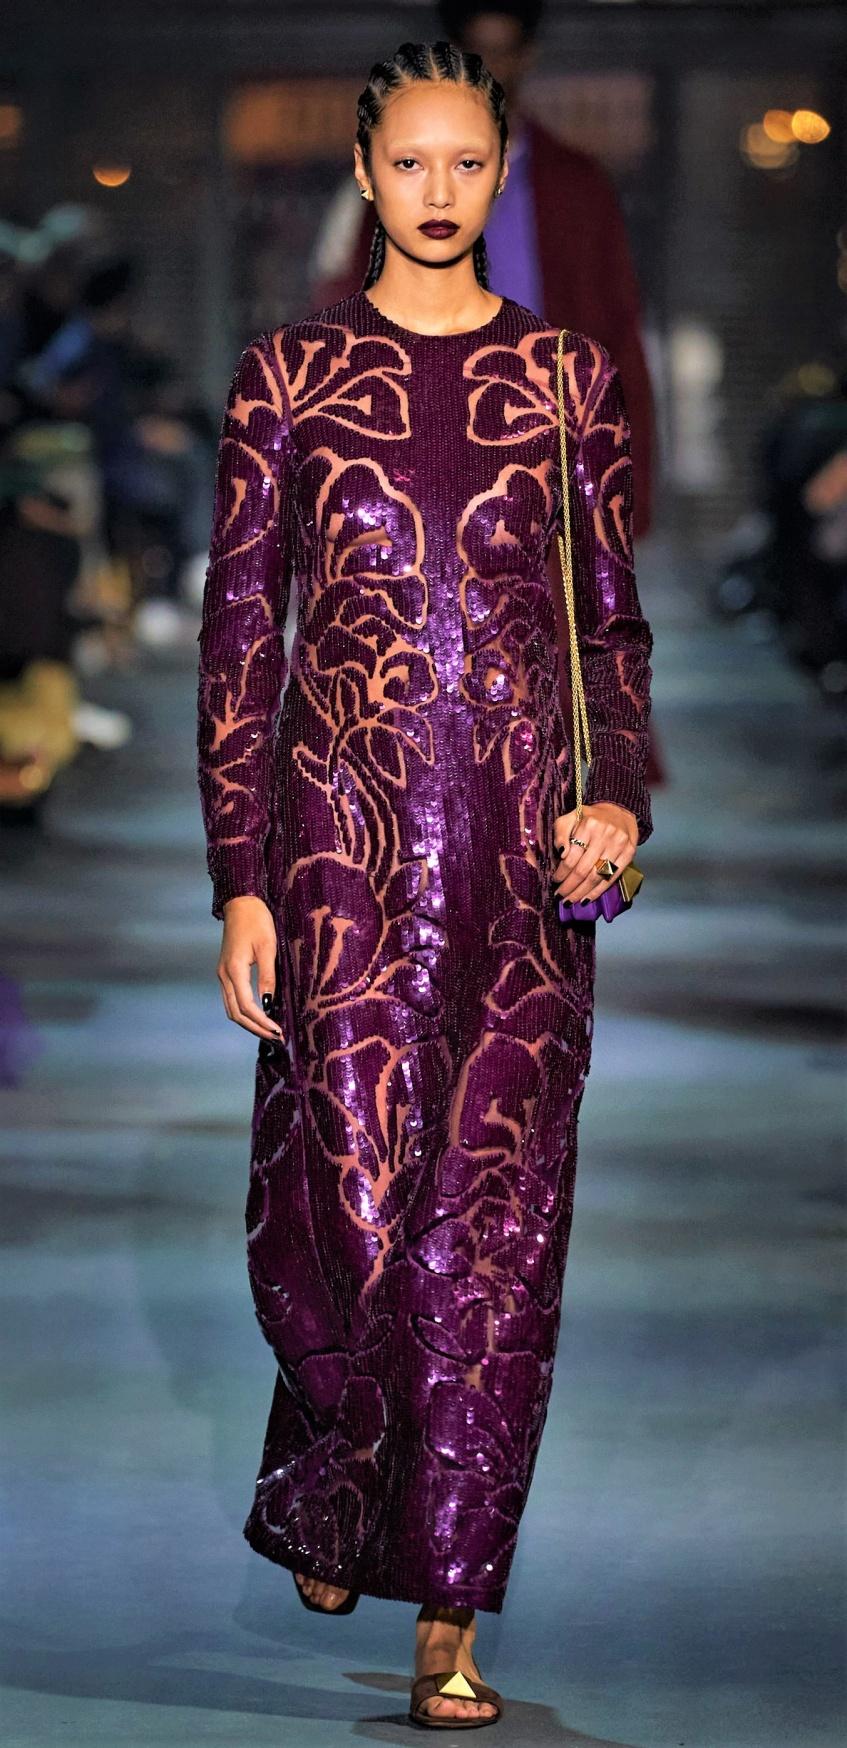 Paris 2. Valentino purple gown vog cropped.jpg